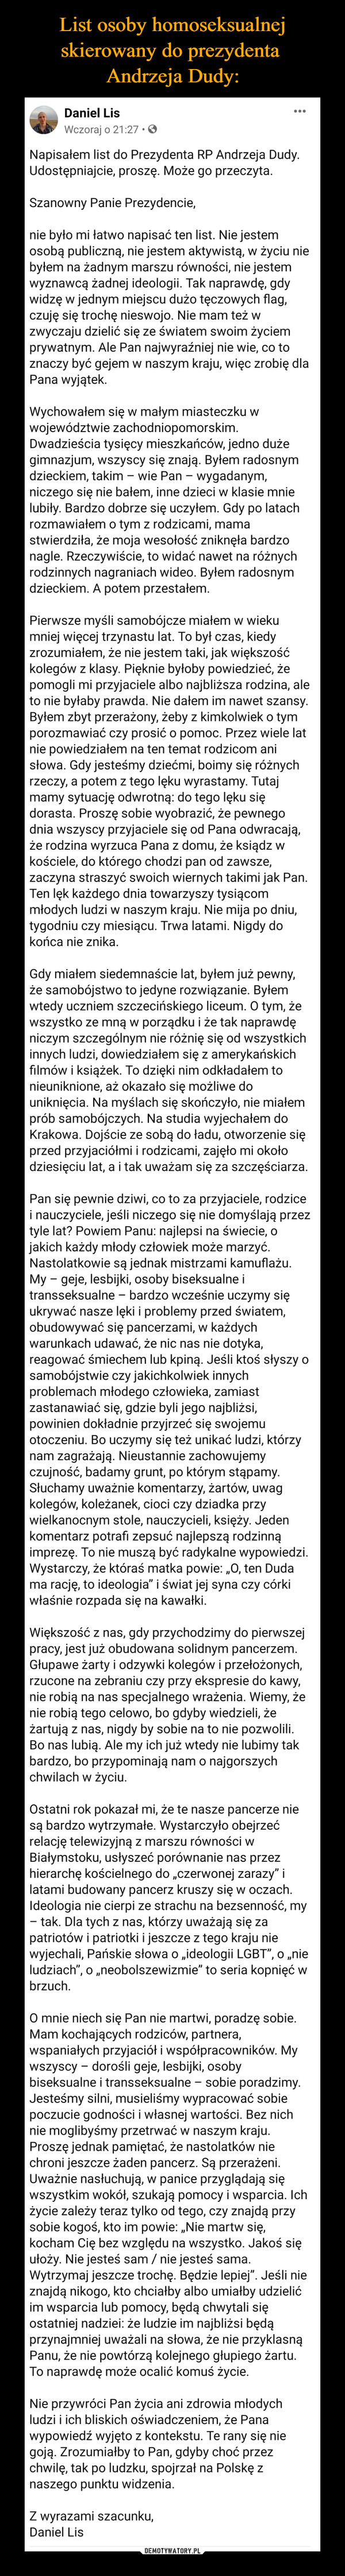 –  Daniel Lis13 godz. · Napisałem list do Prezydenta RP Andrzeja Dudy.Udostępniajcie, proszę. Może go przeczyta.Szanowny Panie Prezydencie,nie było mi łatwo napisać ten list. Nie jestem osobą publiczną, nie jestem aktywistą, w życiu nie byłem na żadnym marszu równości, nie jestem wyznawcą żadnej ideologii. Tak naprawdę, gdy widzę w jednym miejscu dużo tęczowych flag, czuję się trochę nieswojo. Nie mam też w zwyczaju dzielić się ze światem swoim życiem prywatnym. Ale Pan najwyraźniej nie wie, co to znaczy być gejem w naszym kraju, więc zrobię dla Pana wyjątek.Wychowałem się w małym miasteczku w województwie zachodniopomorskim. Dwadzieścia tysięcy mieszkańców, jedno duże gimnazjum, wszyscy się znają. Byłem radosnym dzieckiem, takim – wie Pan – wygadanym, niczego się nie bałem, inne dzieci w klasie mnie lubiły. Bardzo dobrze się uczyłem. Gdy po latach rozmawiałem o tym z rodzicami, mama stwierdziła, że moja wesołość zniknęła bardzo nagle. Rzeczywiście, to widać nawet na różnych rodzinnych nagraniach wideo. Byłem radosnym dzieckiem. A potem przestałem.Pierwsze myśli samobójcze miałem w wieku mniej więcej trzynastu lat. To był czas, kiedy zrozumiałem, że nie jestem taki, jak większość kolegów z klasy. Pięknie byłoby powiedzieć, że pomogli mi przyjaciele albo najbliższa rodzina, ale to nie byłaby prawda. Nie dałem im nawet szansy. Byłem zbyt przerażony, żeby z kimkolwiek o tym porozmawiać czy prosić o pomoc. Przez wiele lat nie powiedziałem na ten temat rodzicom ani słowa. Gdy jesteśmy dziećmi, boimy się różnych rzeczy, a potem z tego lęku wyrastamy. Tutaj mamy sytuację odwrotną: do tego lęku się dorasta. Proszę sobie wyobrazić, że pewnego dnia wszyscy przyjaciele się od Pana odwracają, że rodzina wyrzuca Pana z domu, że ksiądz w kościele, do którego chodzi pan od zawsze, zaczyna straszyć swoich wiernych takimi jak Pan. Ten lęk każdego dnia towarzyszy tysiącom młodych ludzi w naszym kraju. Nie mija po dniu, tygodniu czy miesiącu. Trwa latami. Nigdy do końca nie znika.Gdy 